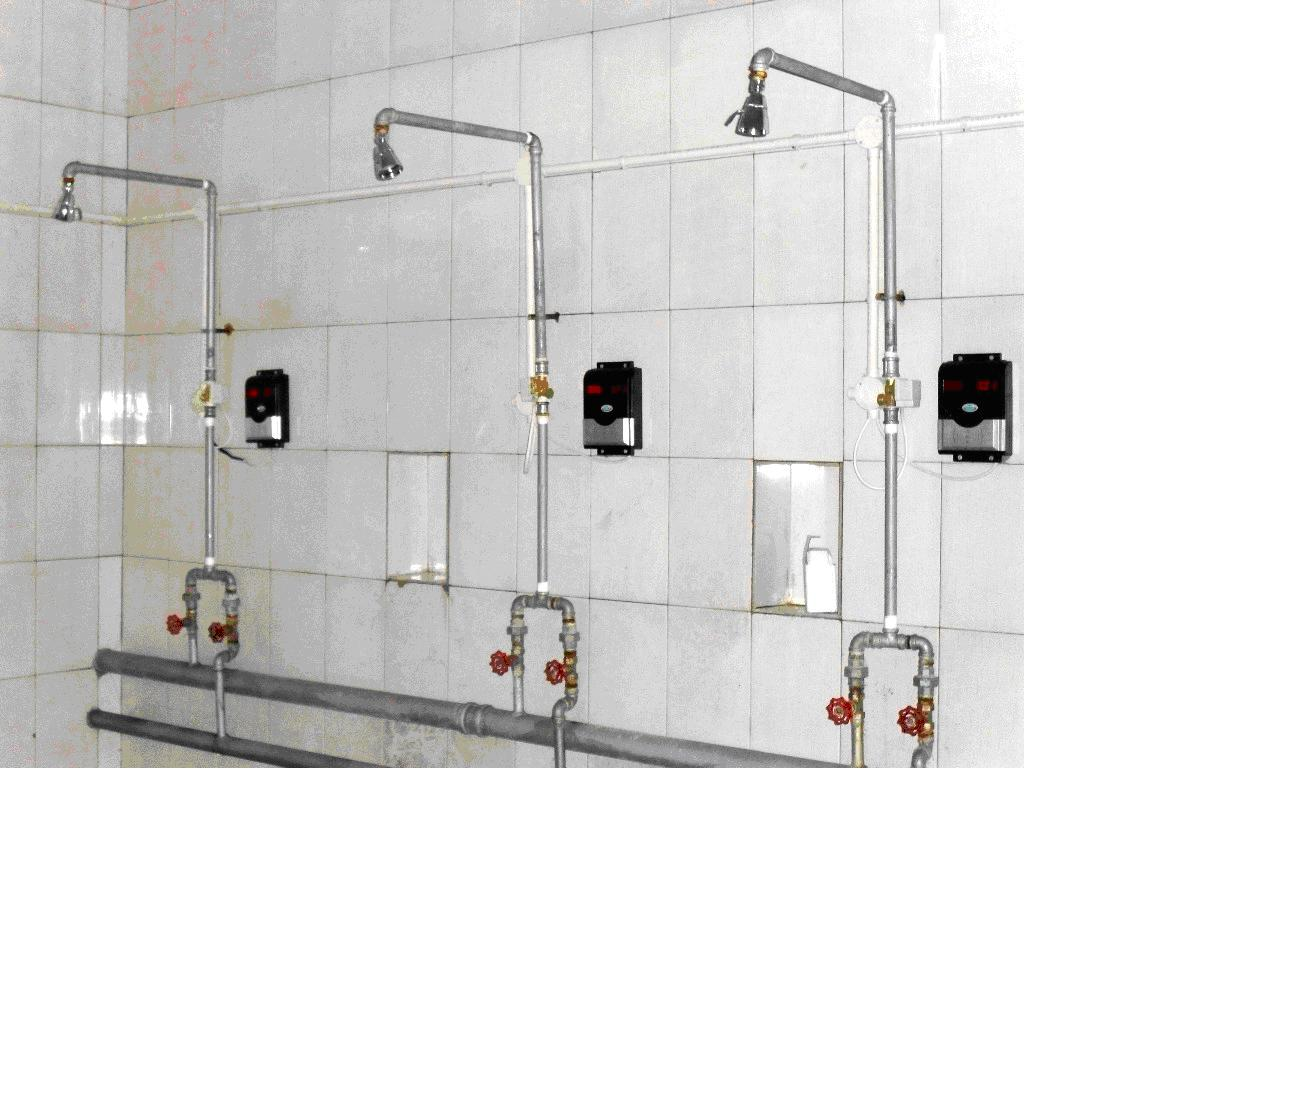 水控管理系统,浴室打卡系统,浴室刷卡节水系统